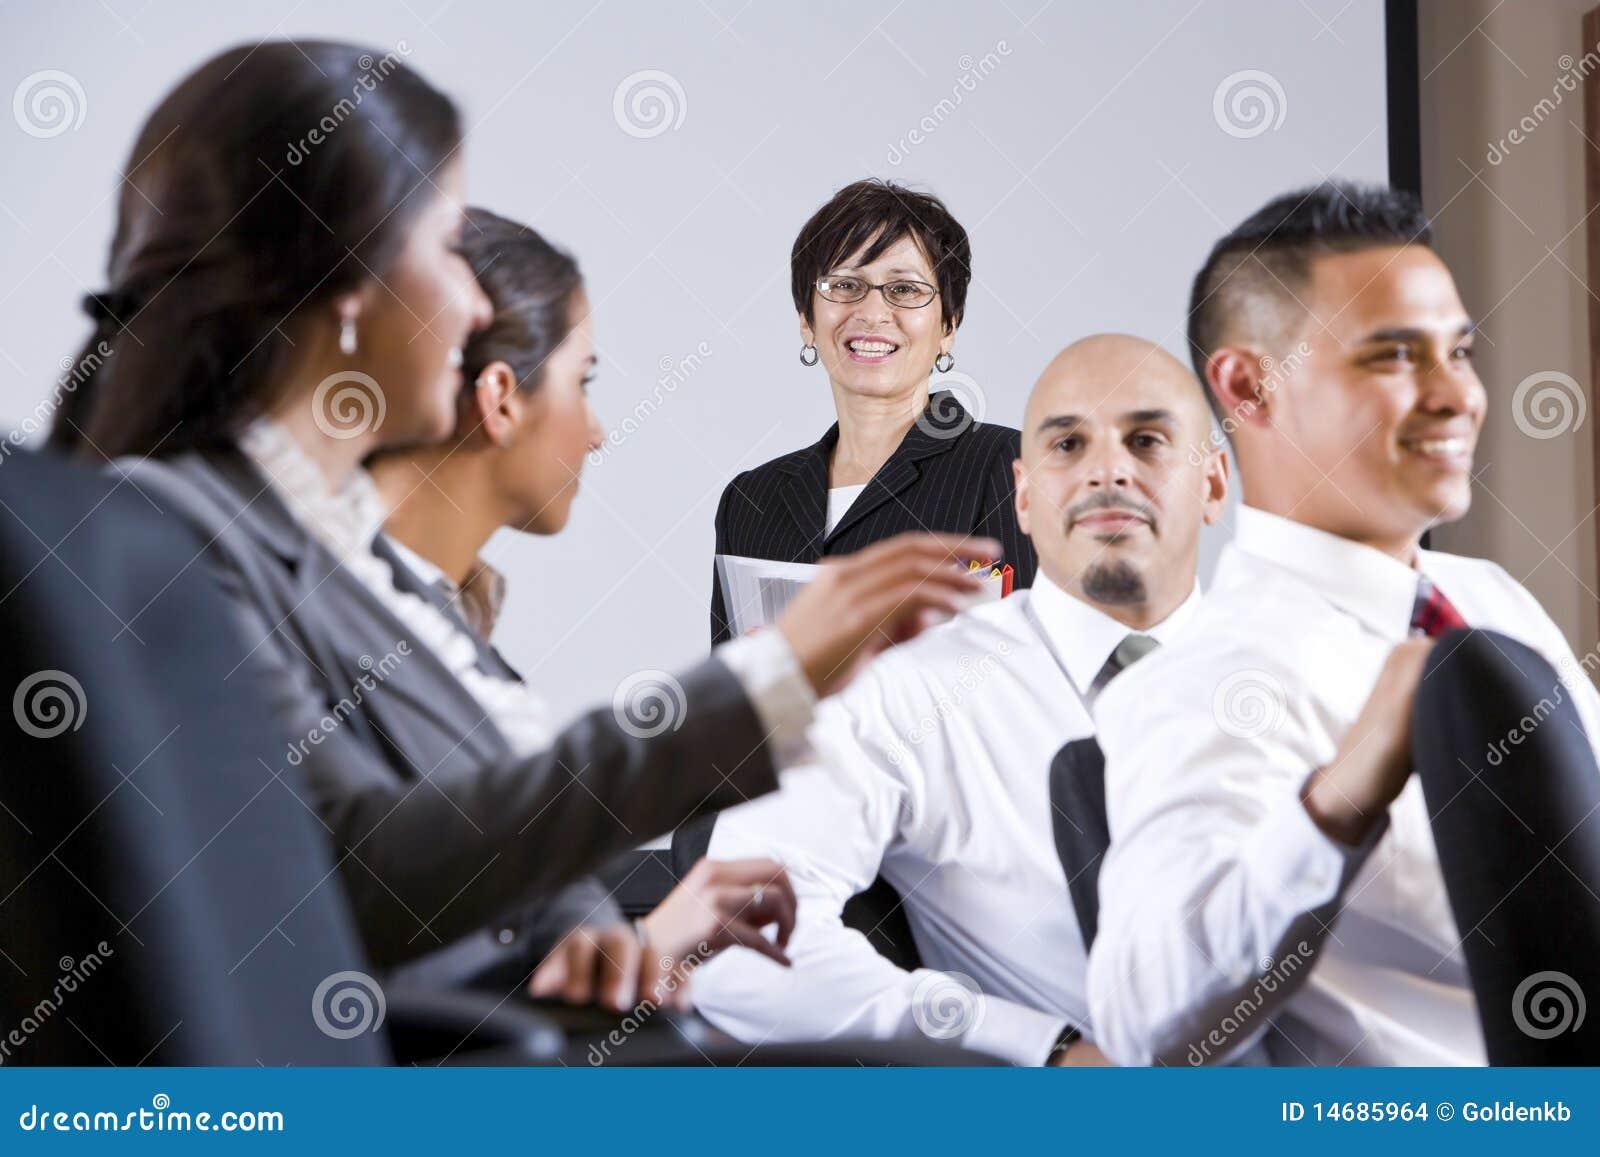 Διαφορετική παρουσίαση προσοχής ομάδας businesspeople